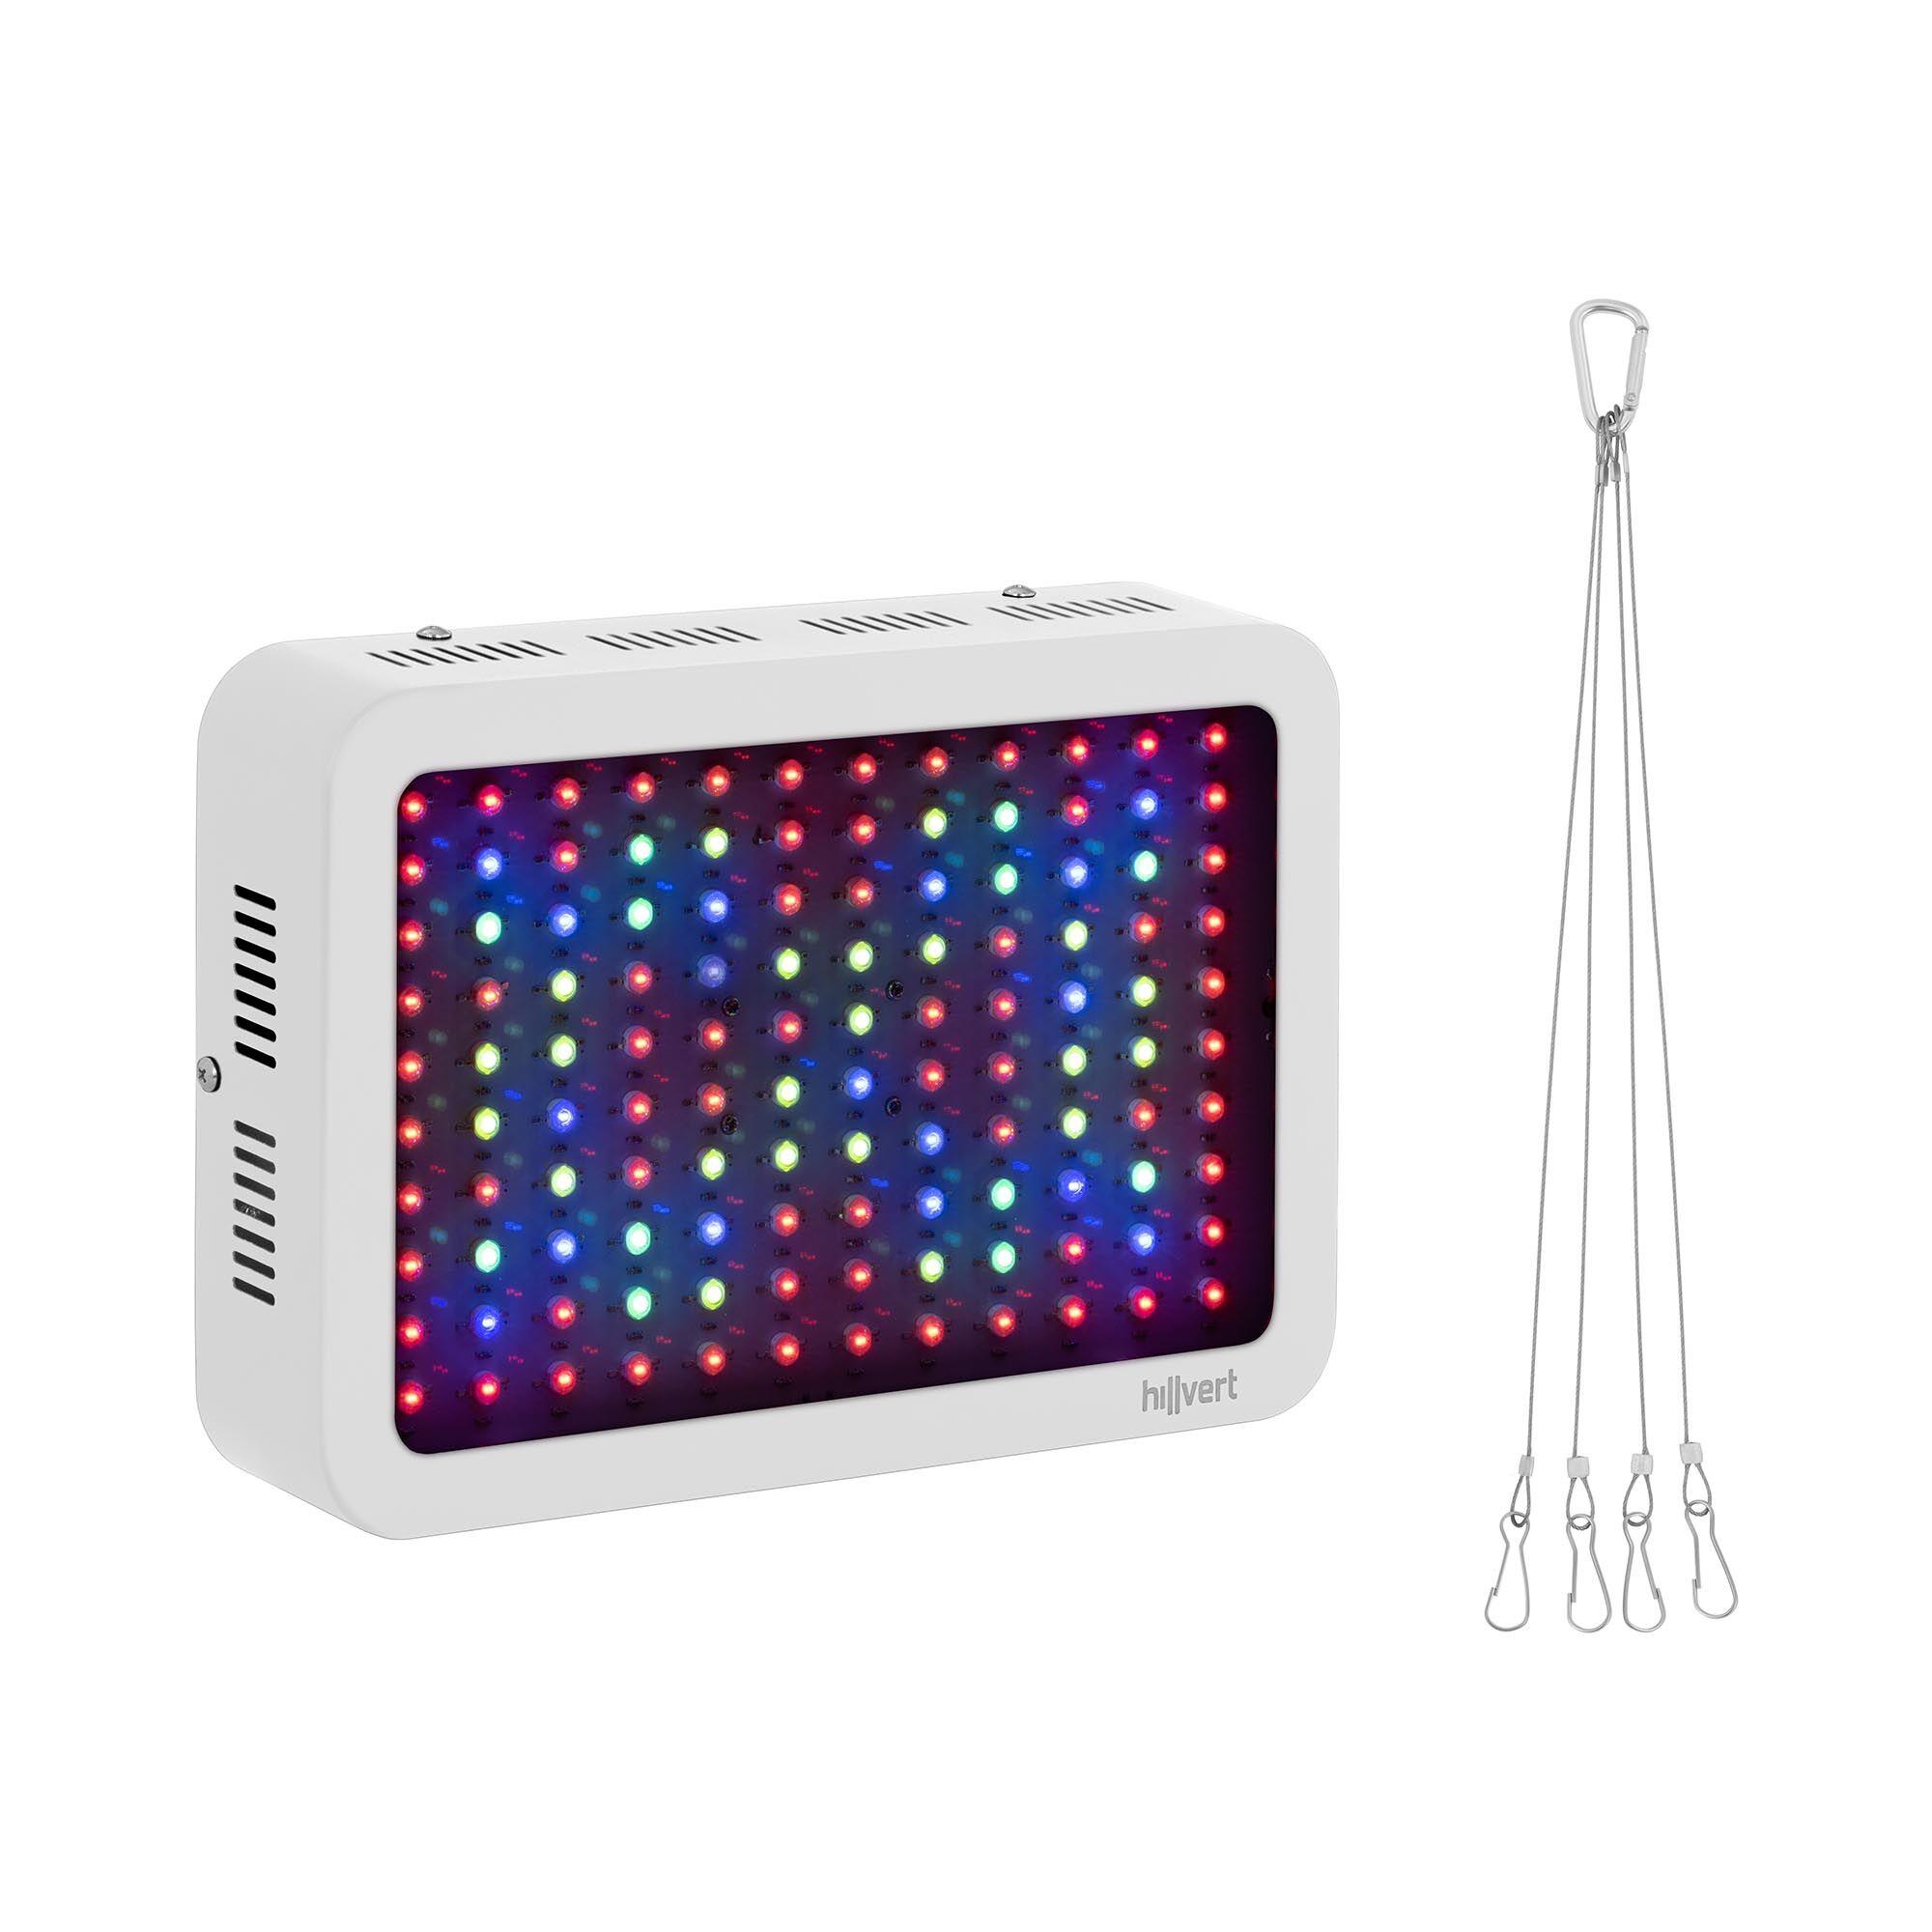 hillvert LED Grow Light - 1,200 W - 5,600 lumens